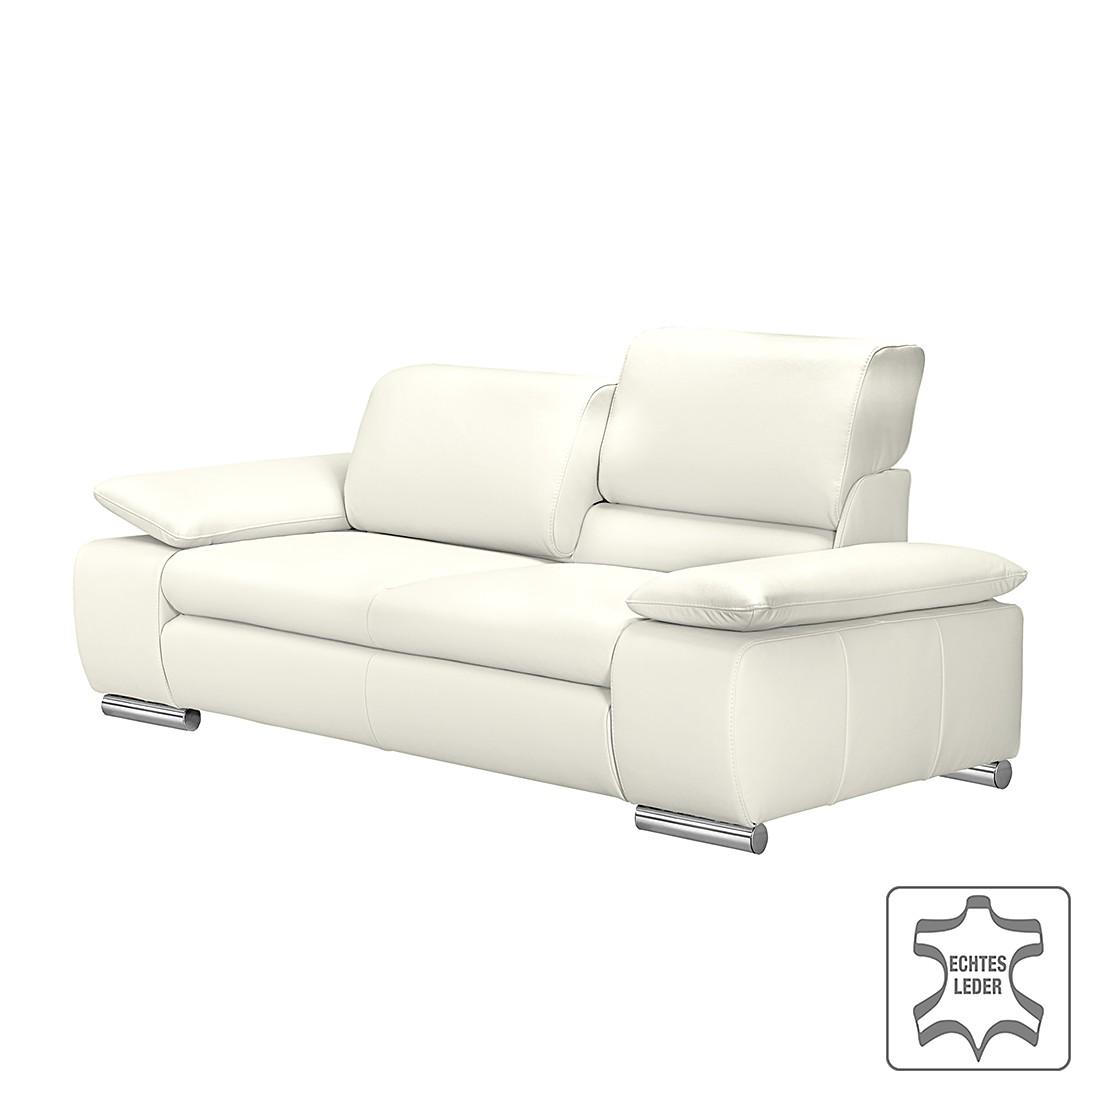 sofa masca 3 sitzer kunstleder grau loftscape g nstig. Black Bedroom Furniture Sets. Home Design Ideas